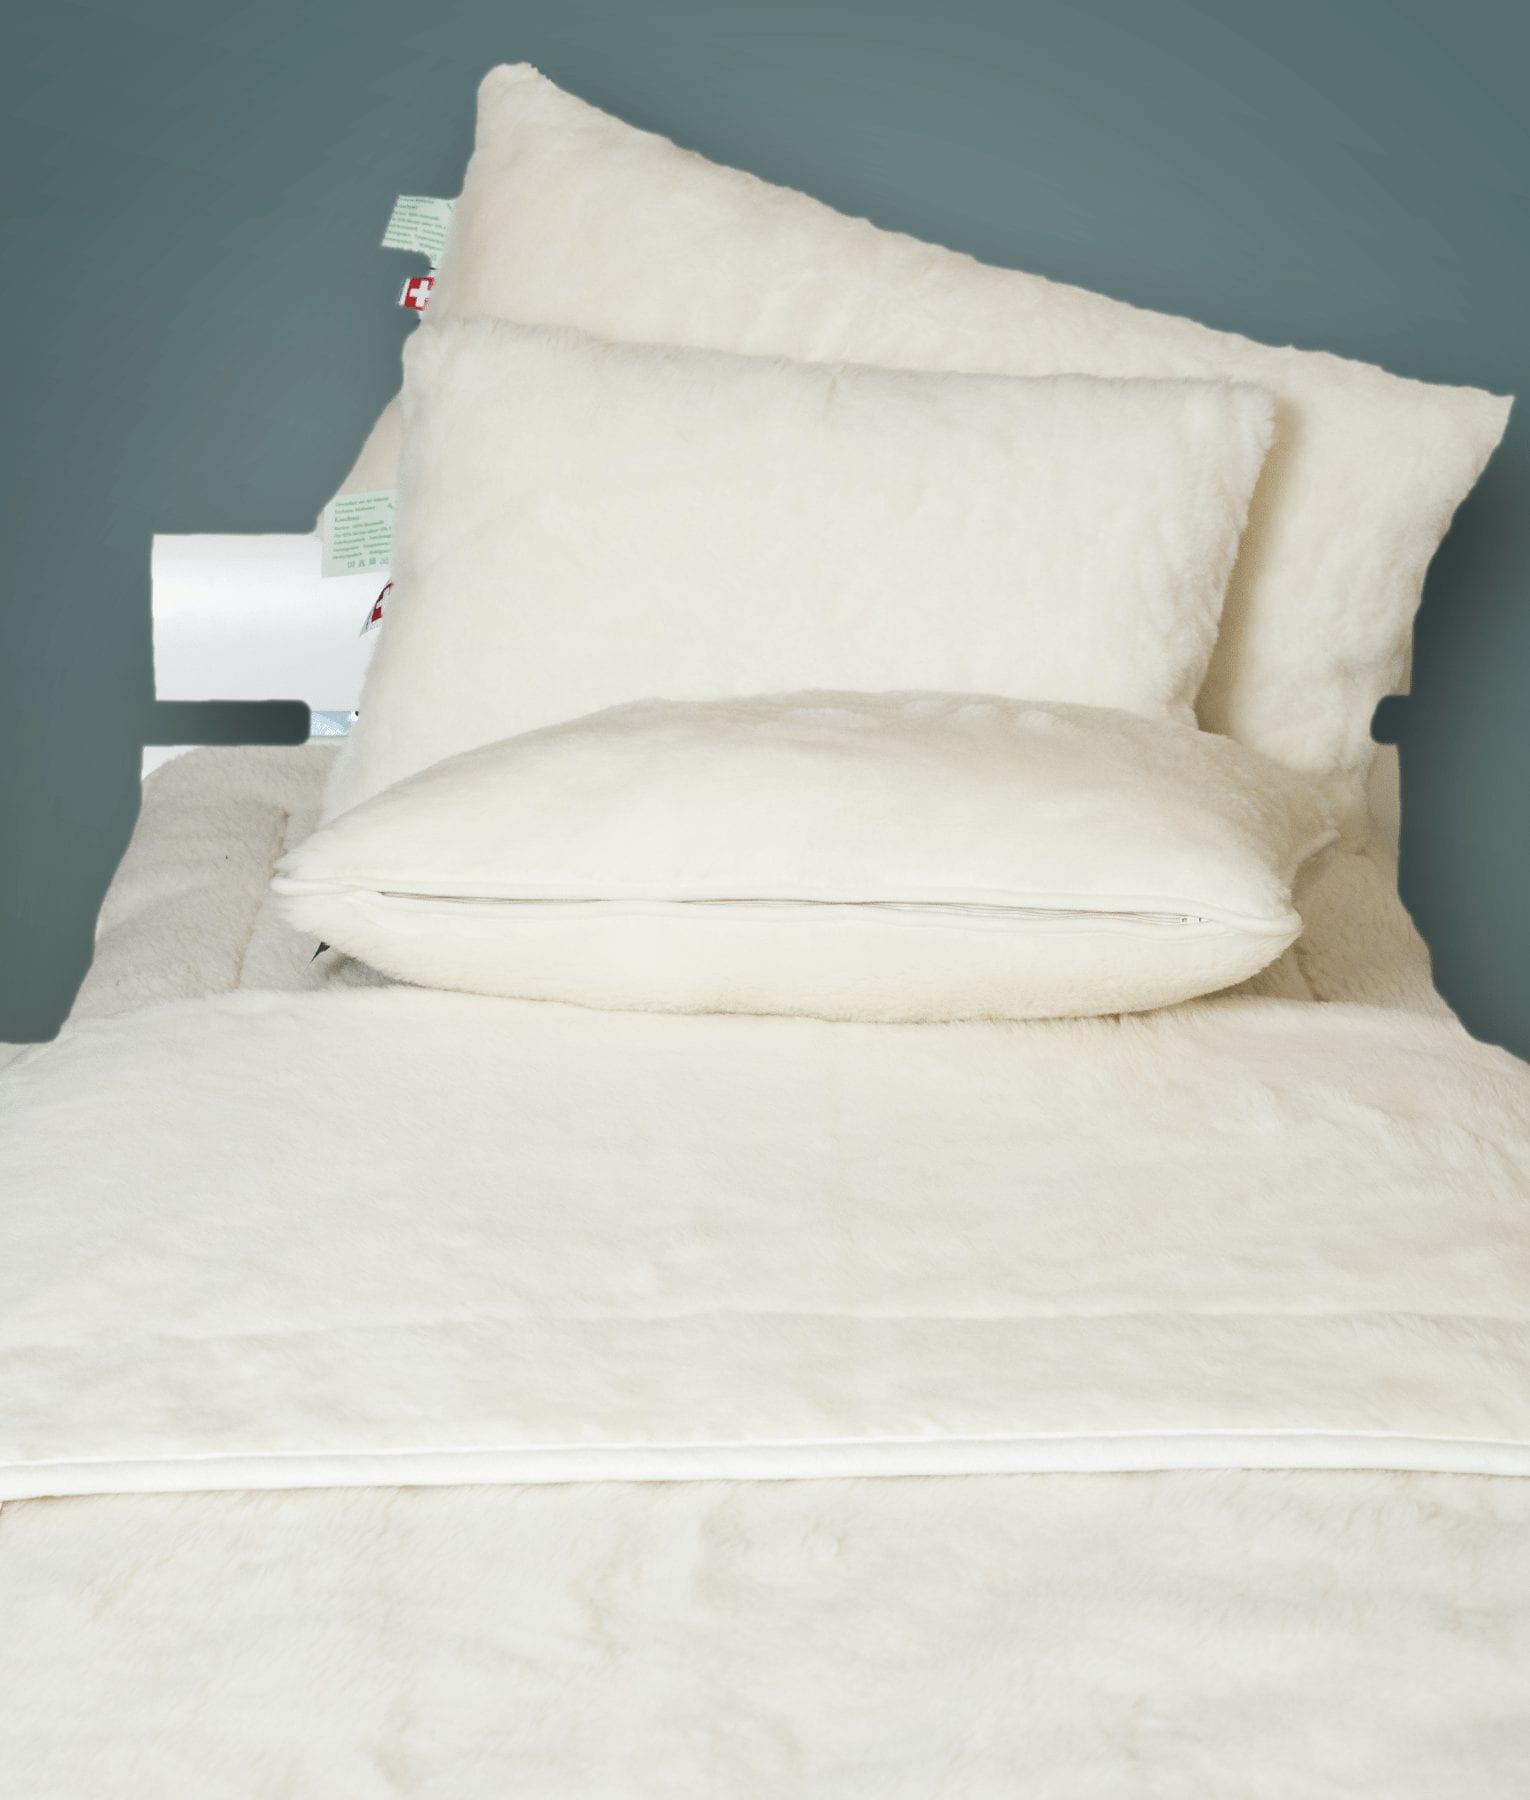 cashmere-mattress-topper-swissmade-direct